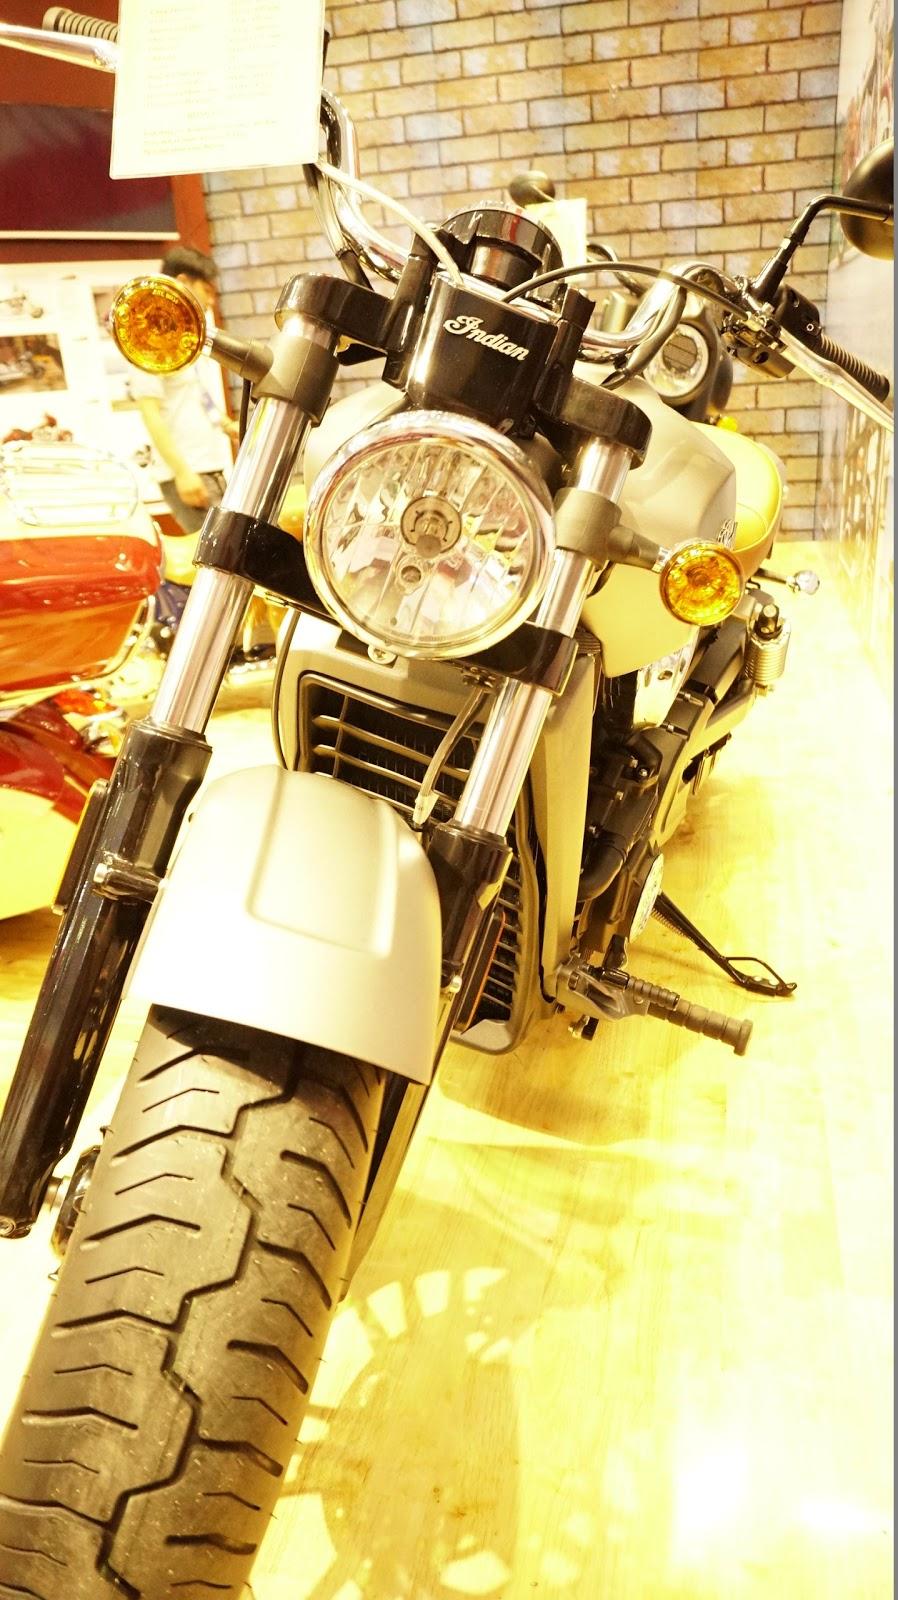 Indian Scout 101 Tribute là một chiếc siêu mô tô tuyệt đẹp, tinh tế